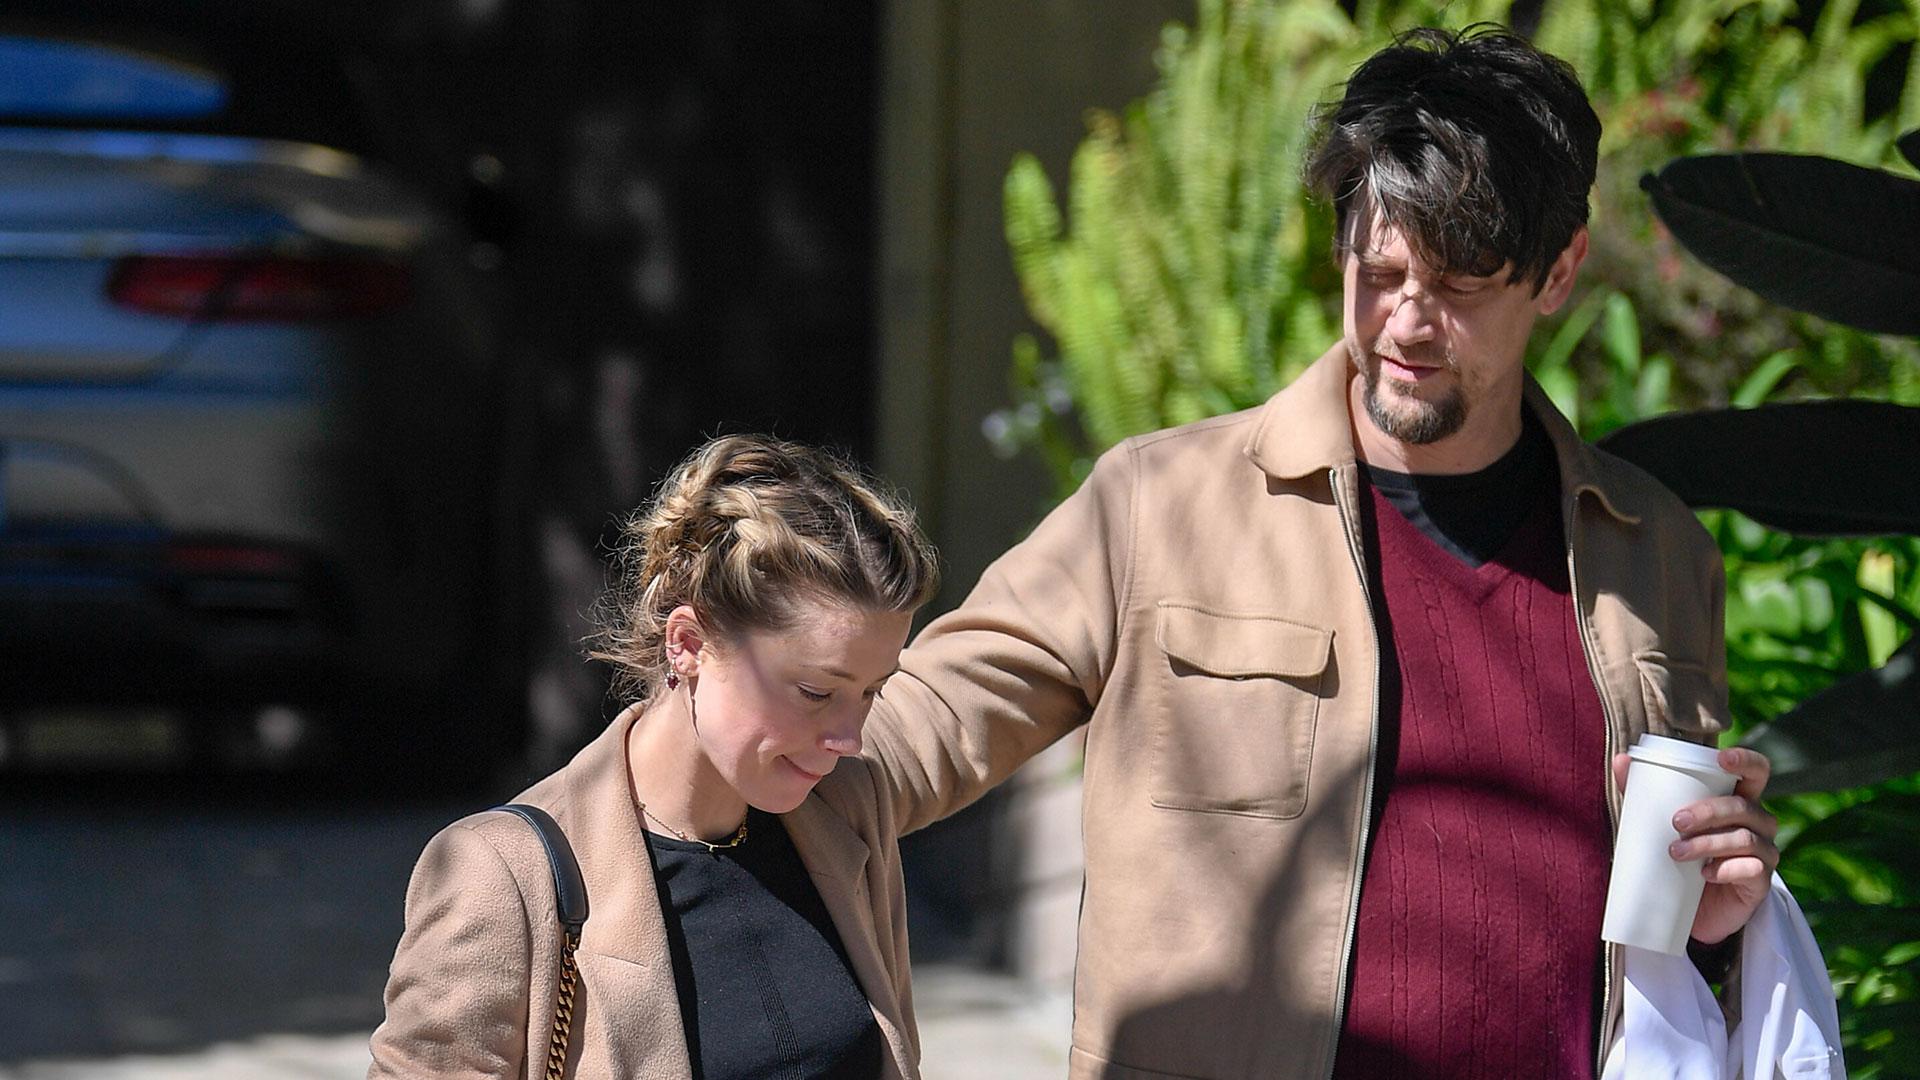 Andy Mushchietti, el director argentino, se encuentra en pareja con Amber Heard, la ex mujer de Johnny Depp. Las celebridades fueron retratadas a los besos en las calles de Los Angeles (The Grosby Group)